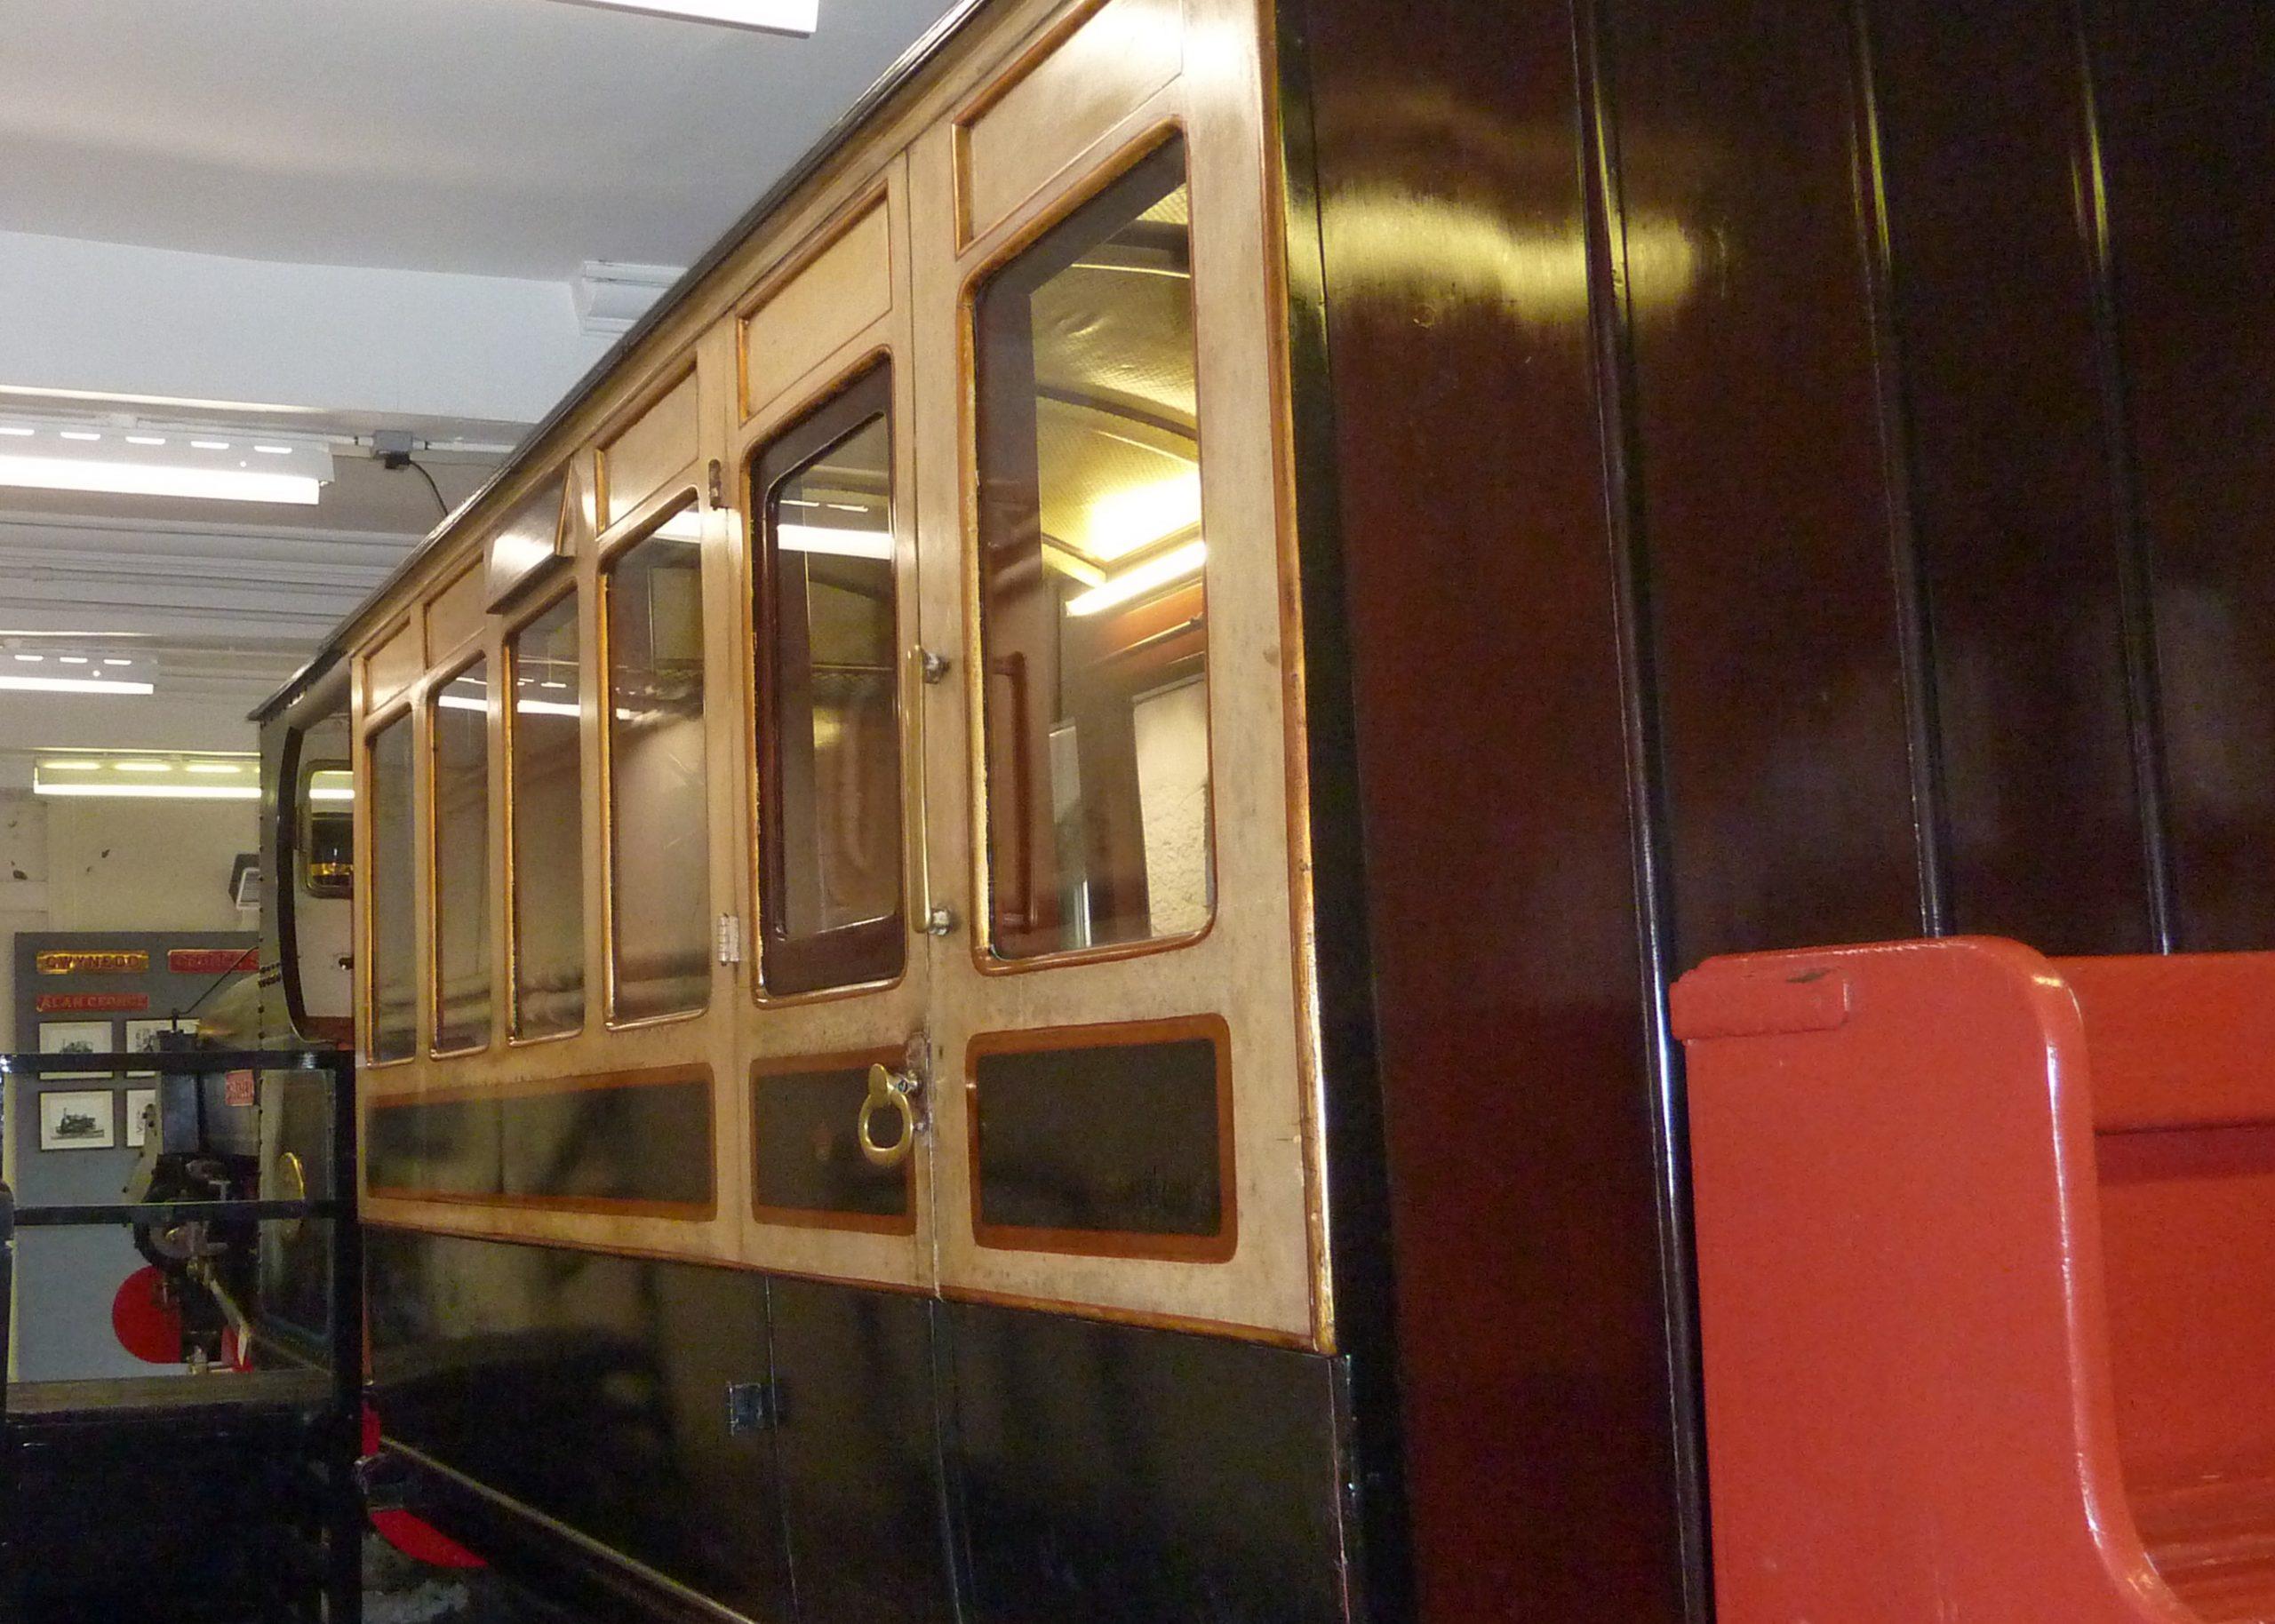 Penrhyn Quarry Railway coach in Penrhyn Castle Museum